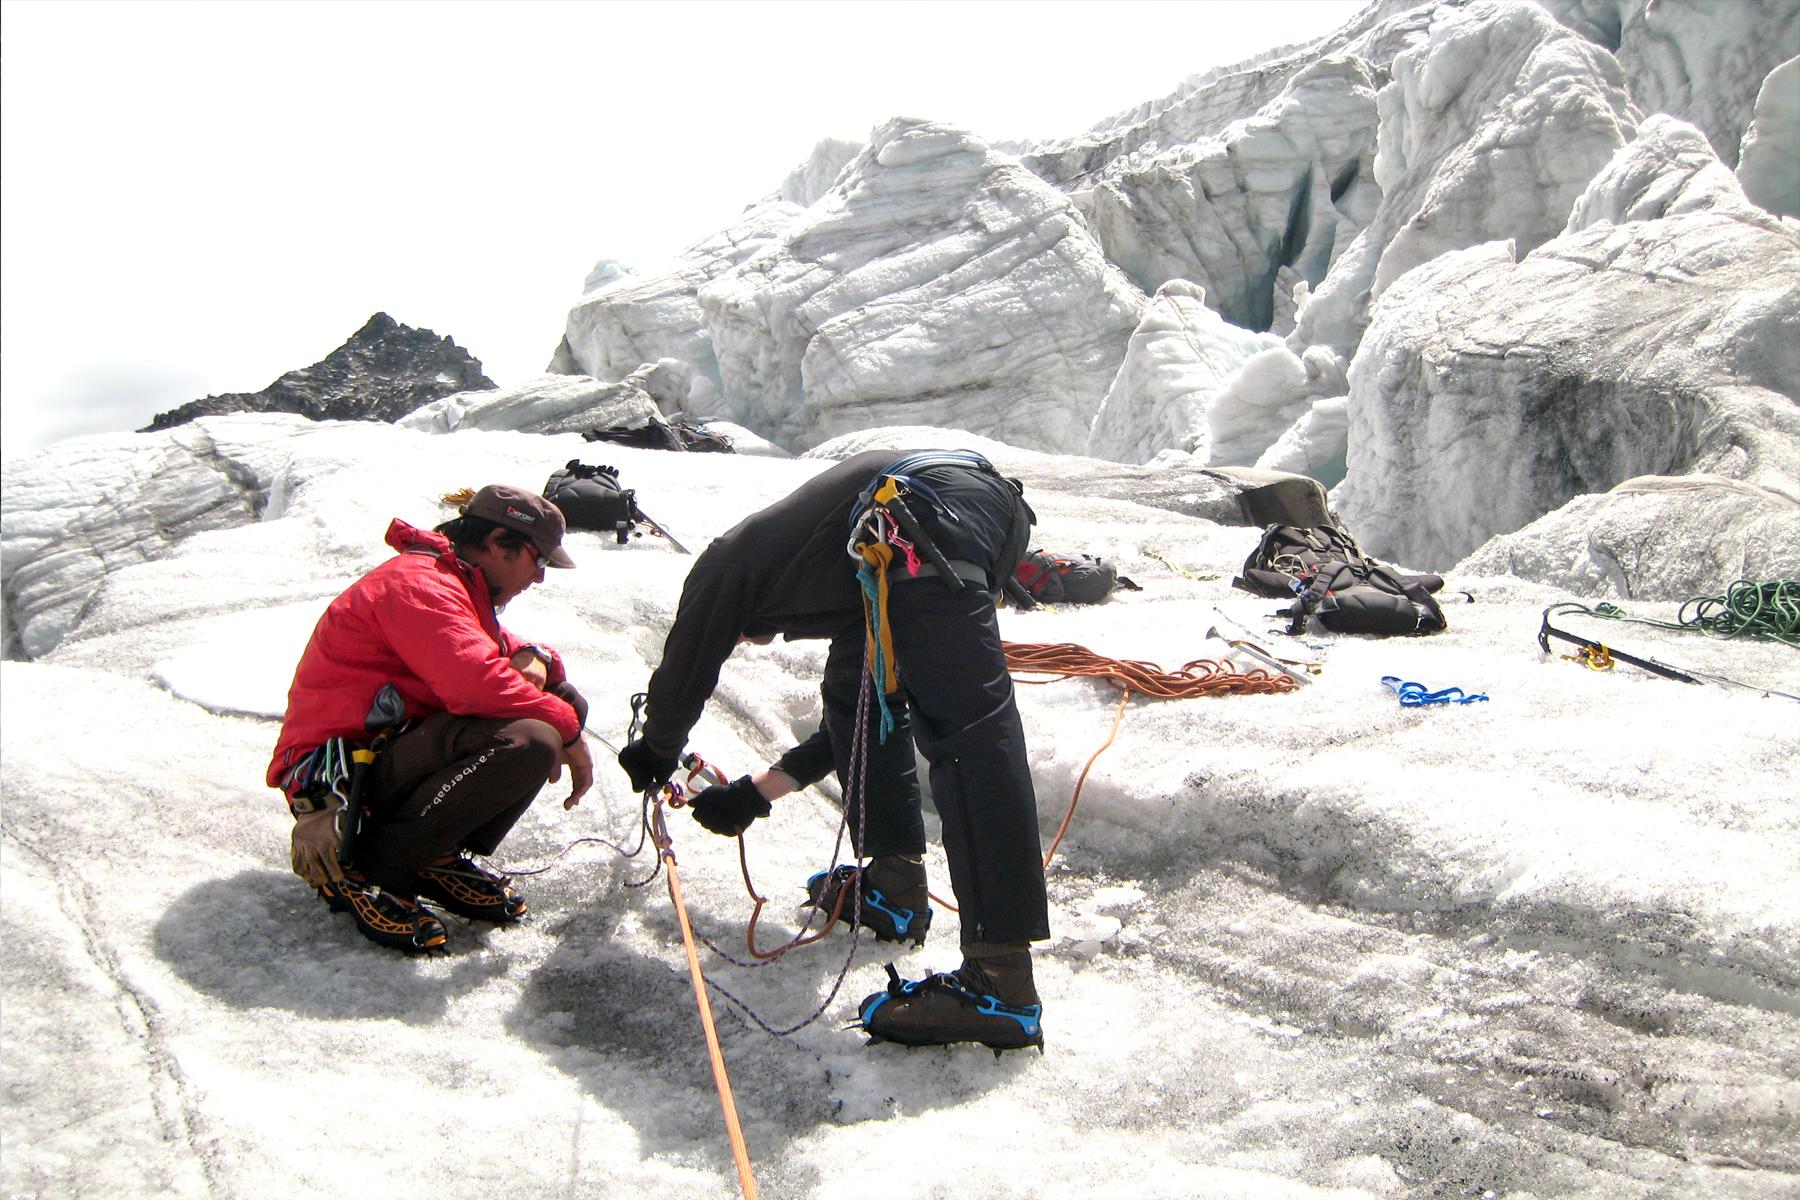 Klettergurt Für Gletscher : Salewa klettergurt brustgurt bunny chest kinder neu eur